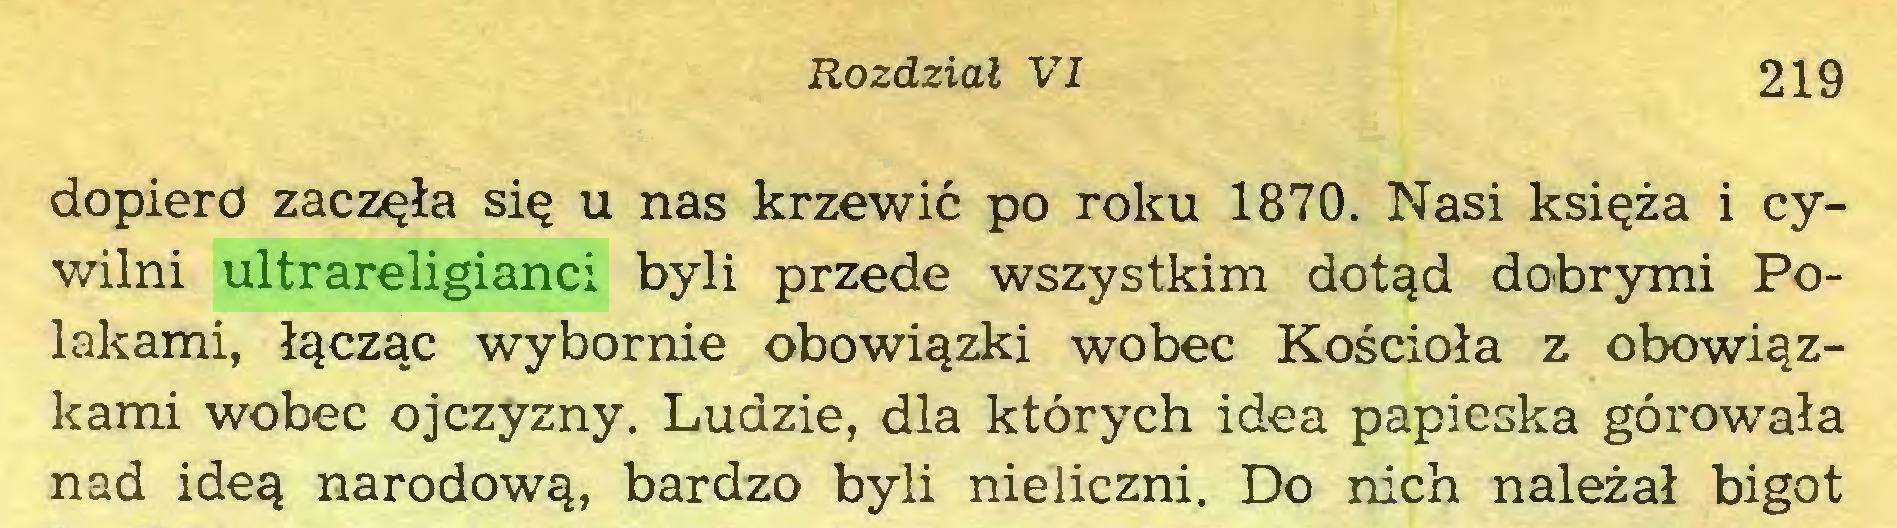 (...) Rozdział VI 219 dopiero zaczęła się u nas krzewić po roku 1870. Nasi księża i cywilni ultrareligianci byli przede wszystkim dotąd dobrymi Polakami, łącząc wybornie obowiązki wobec Kościoła z obowiązkami wobec ojczyzny. Ludzie, dla których idea papieska górowała nad ideą narodową, bardzo byli nieliczni. Do nich należał bigot...